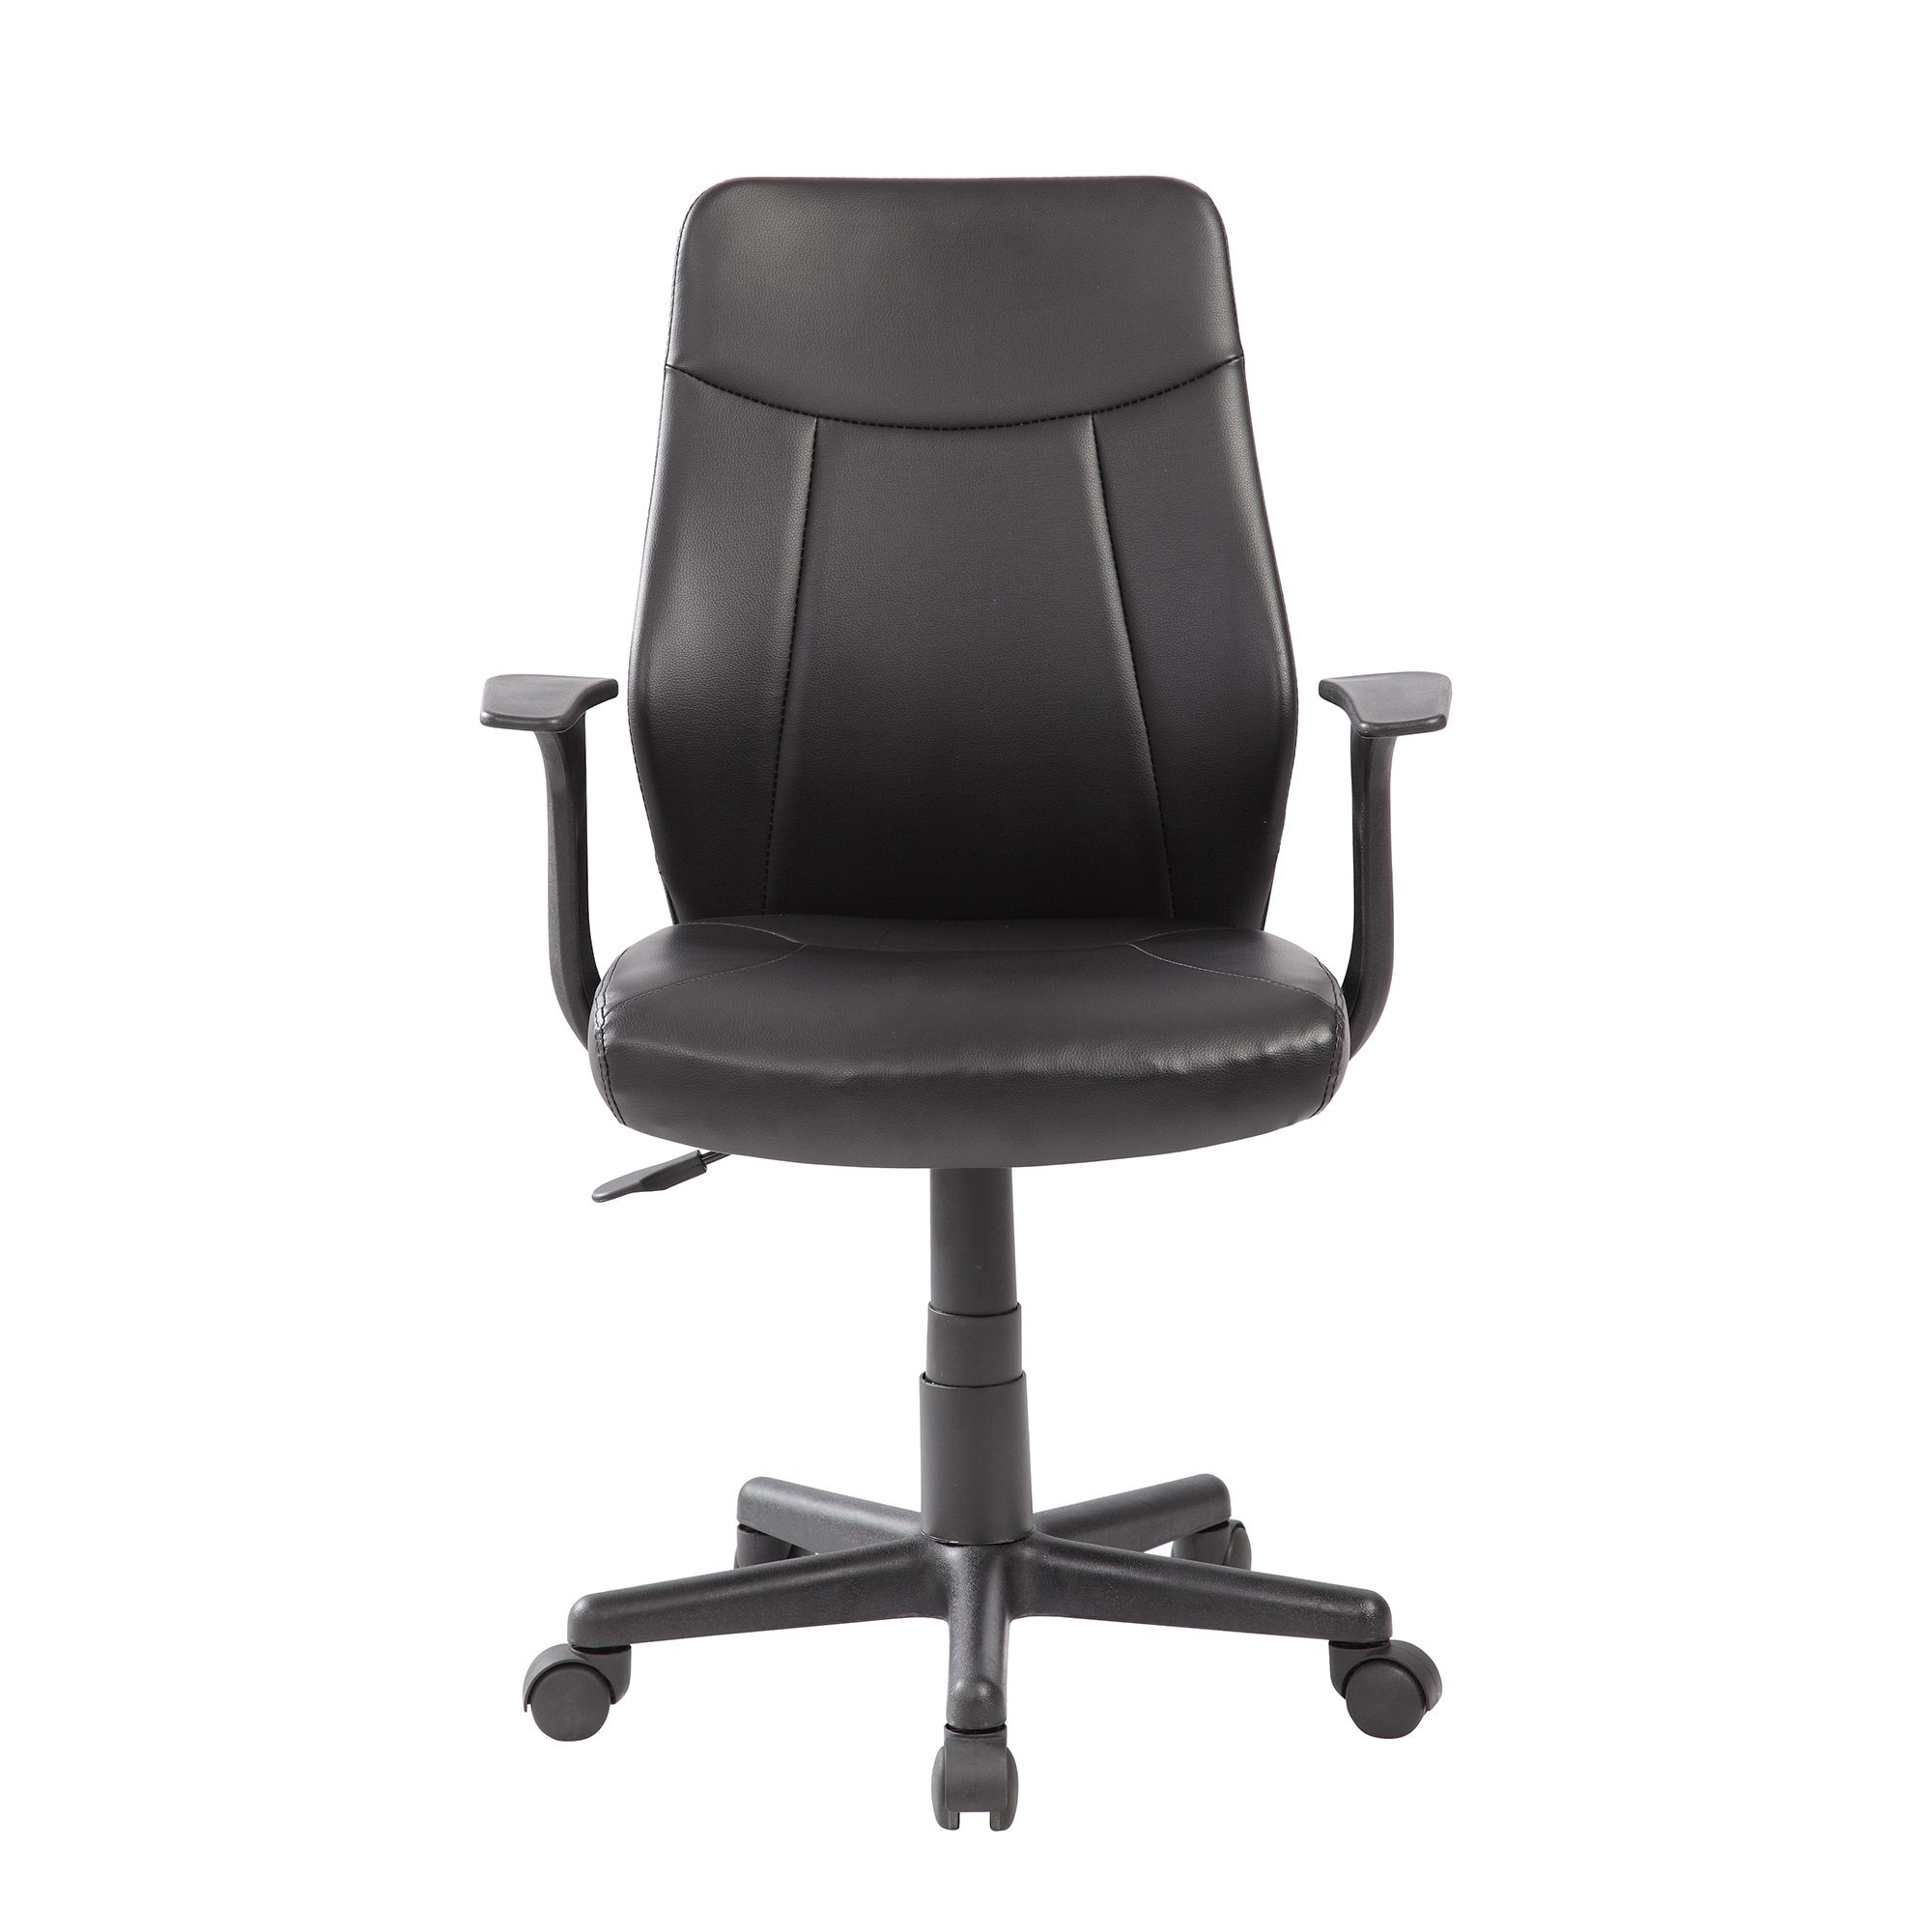 kring macao irodai szék